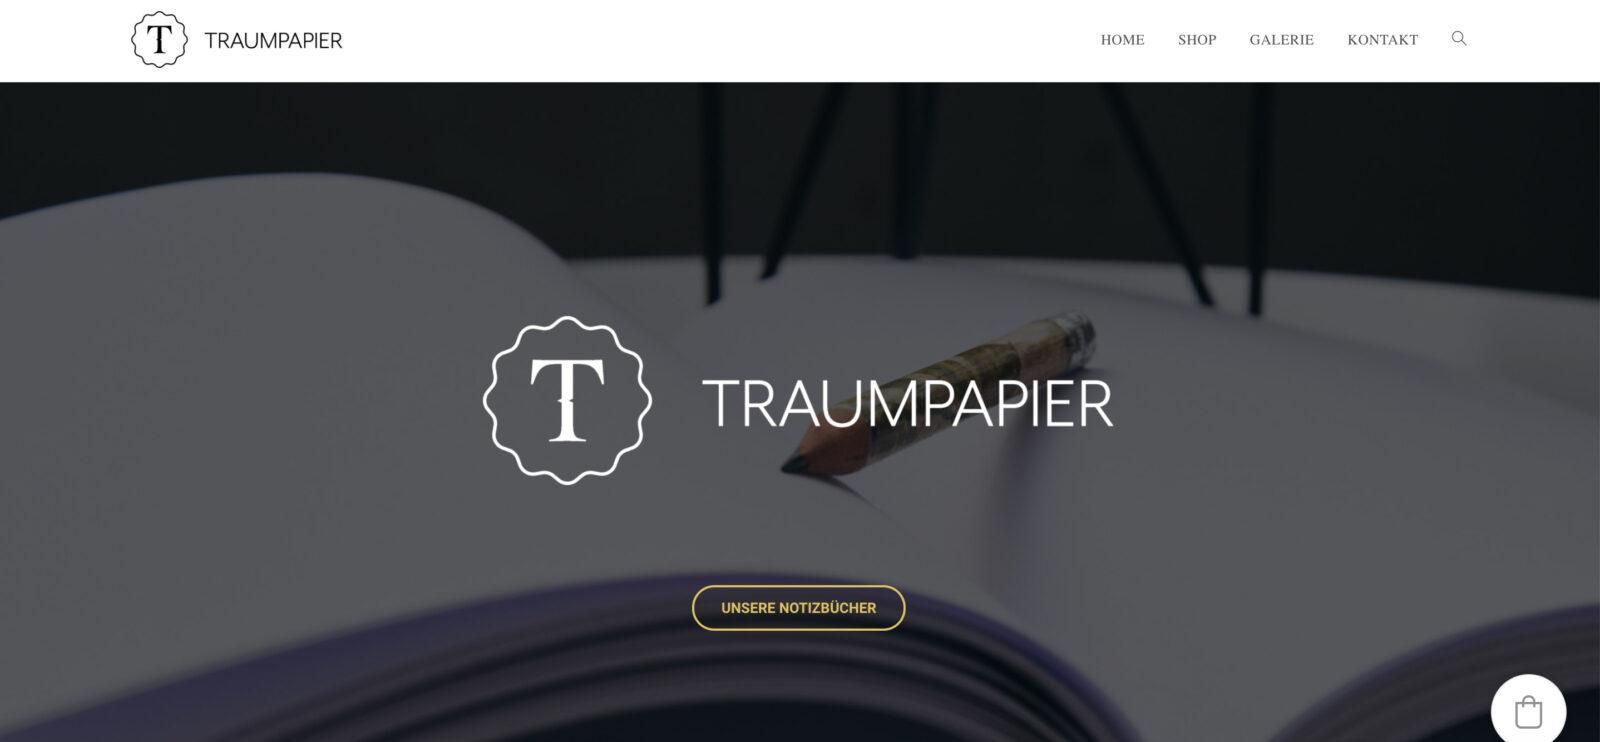 Traumpapier- Die Gedanken gehören auf Papier – die Website zu GoDaddy_Website